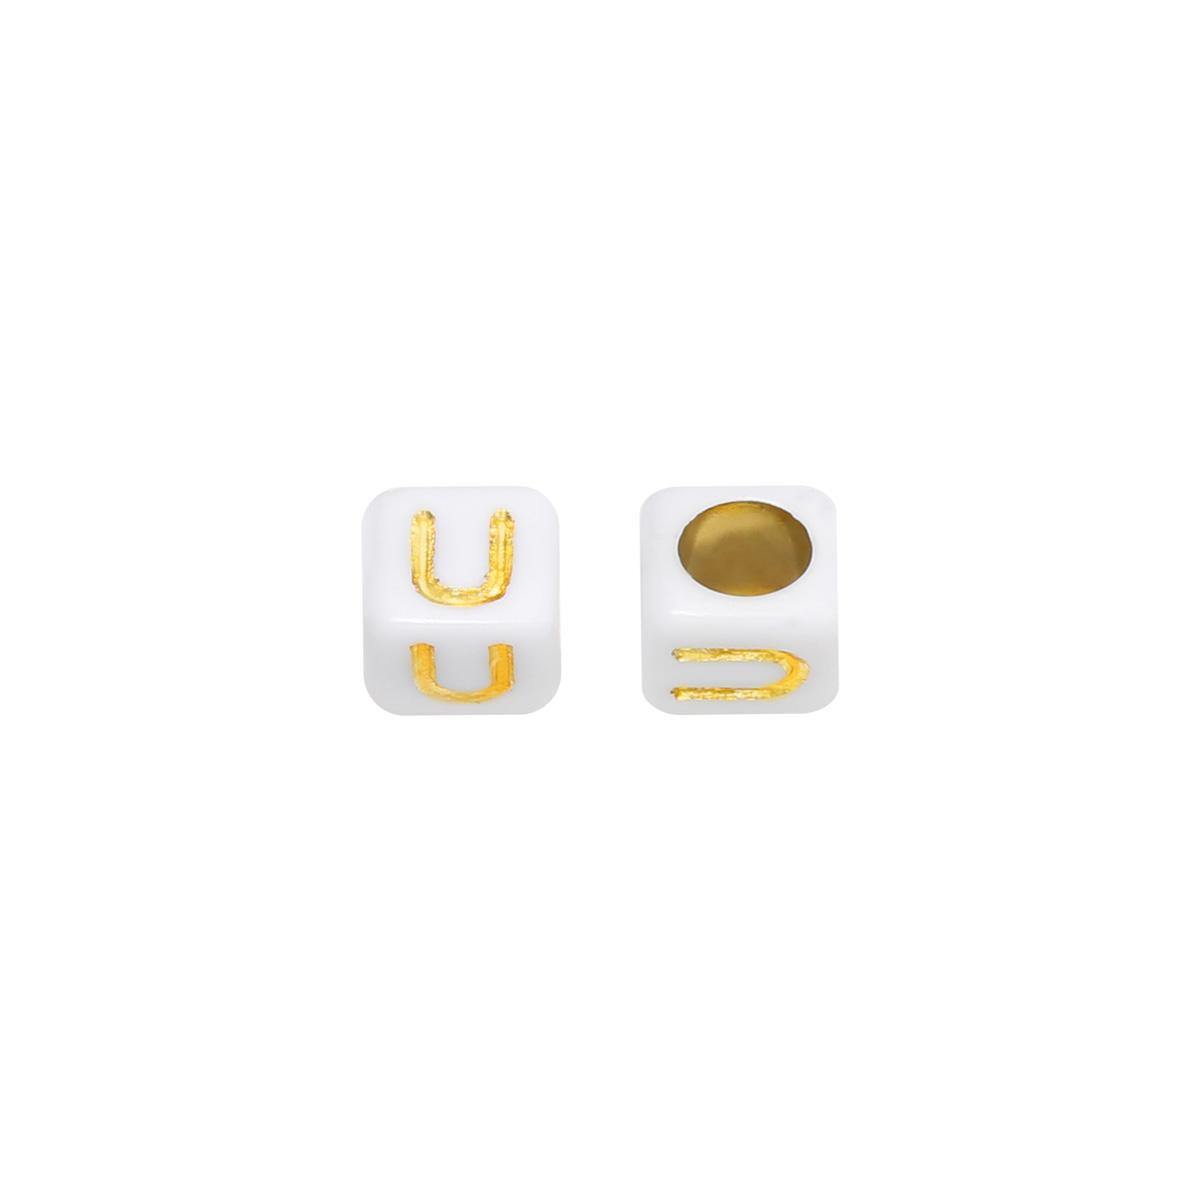 Perlen diy letter u - 6mm